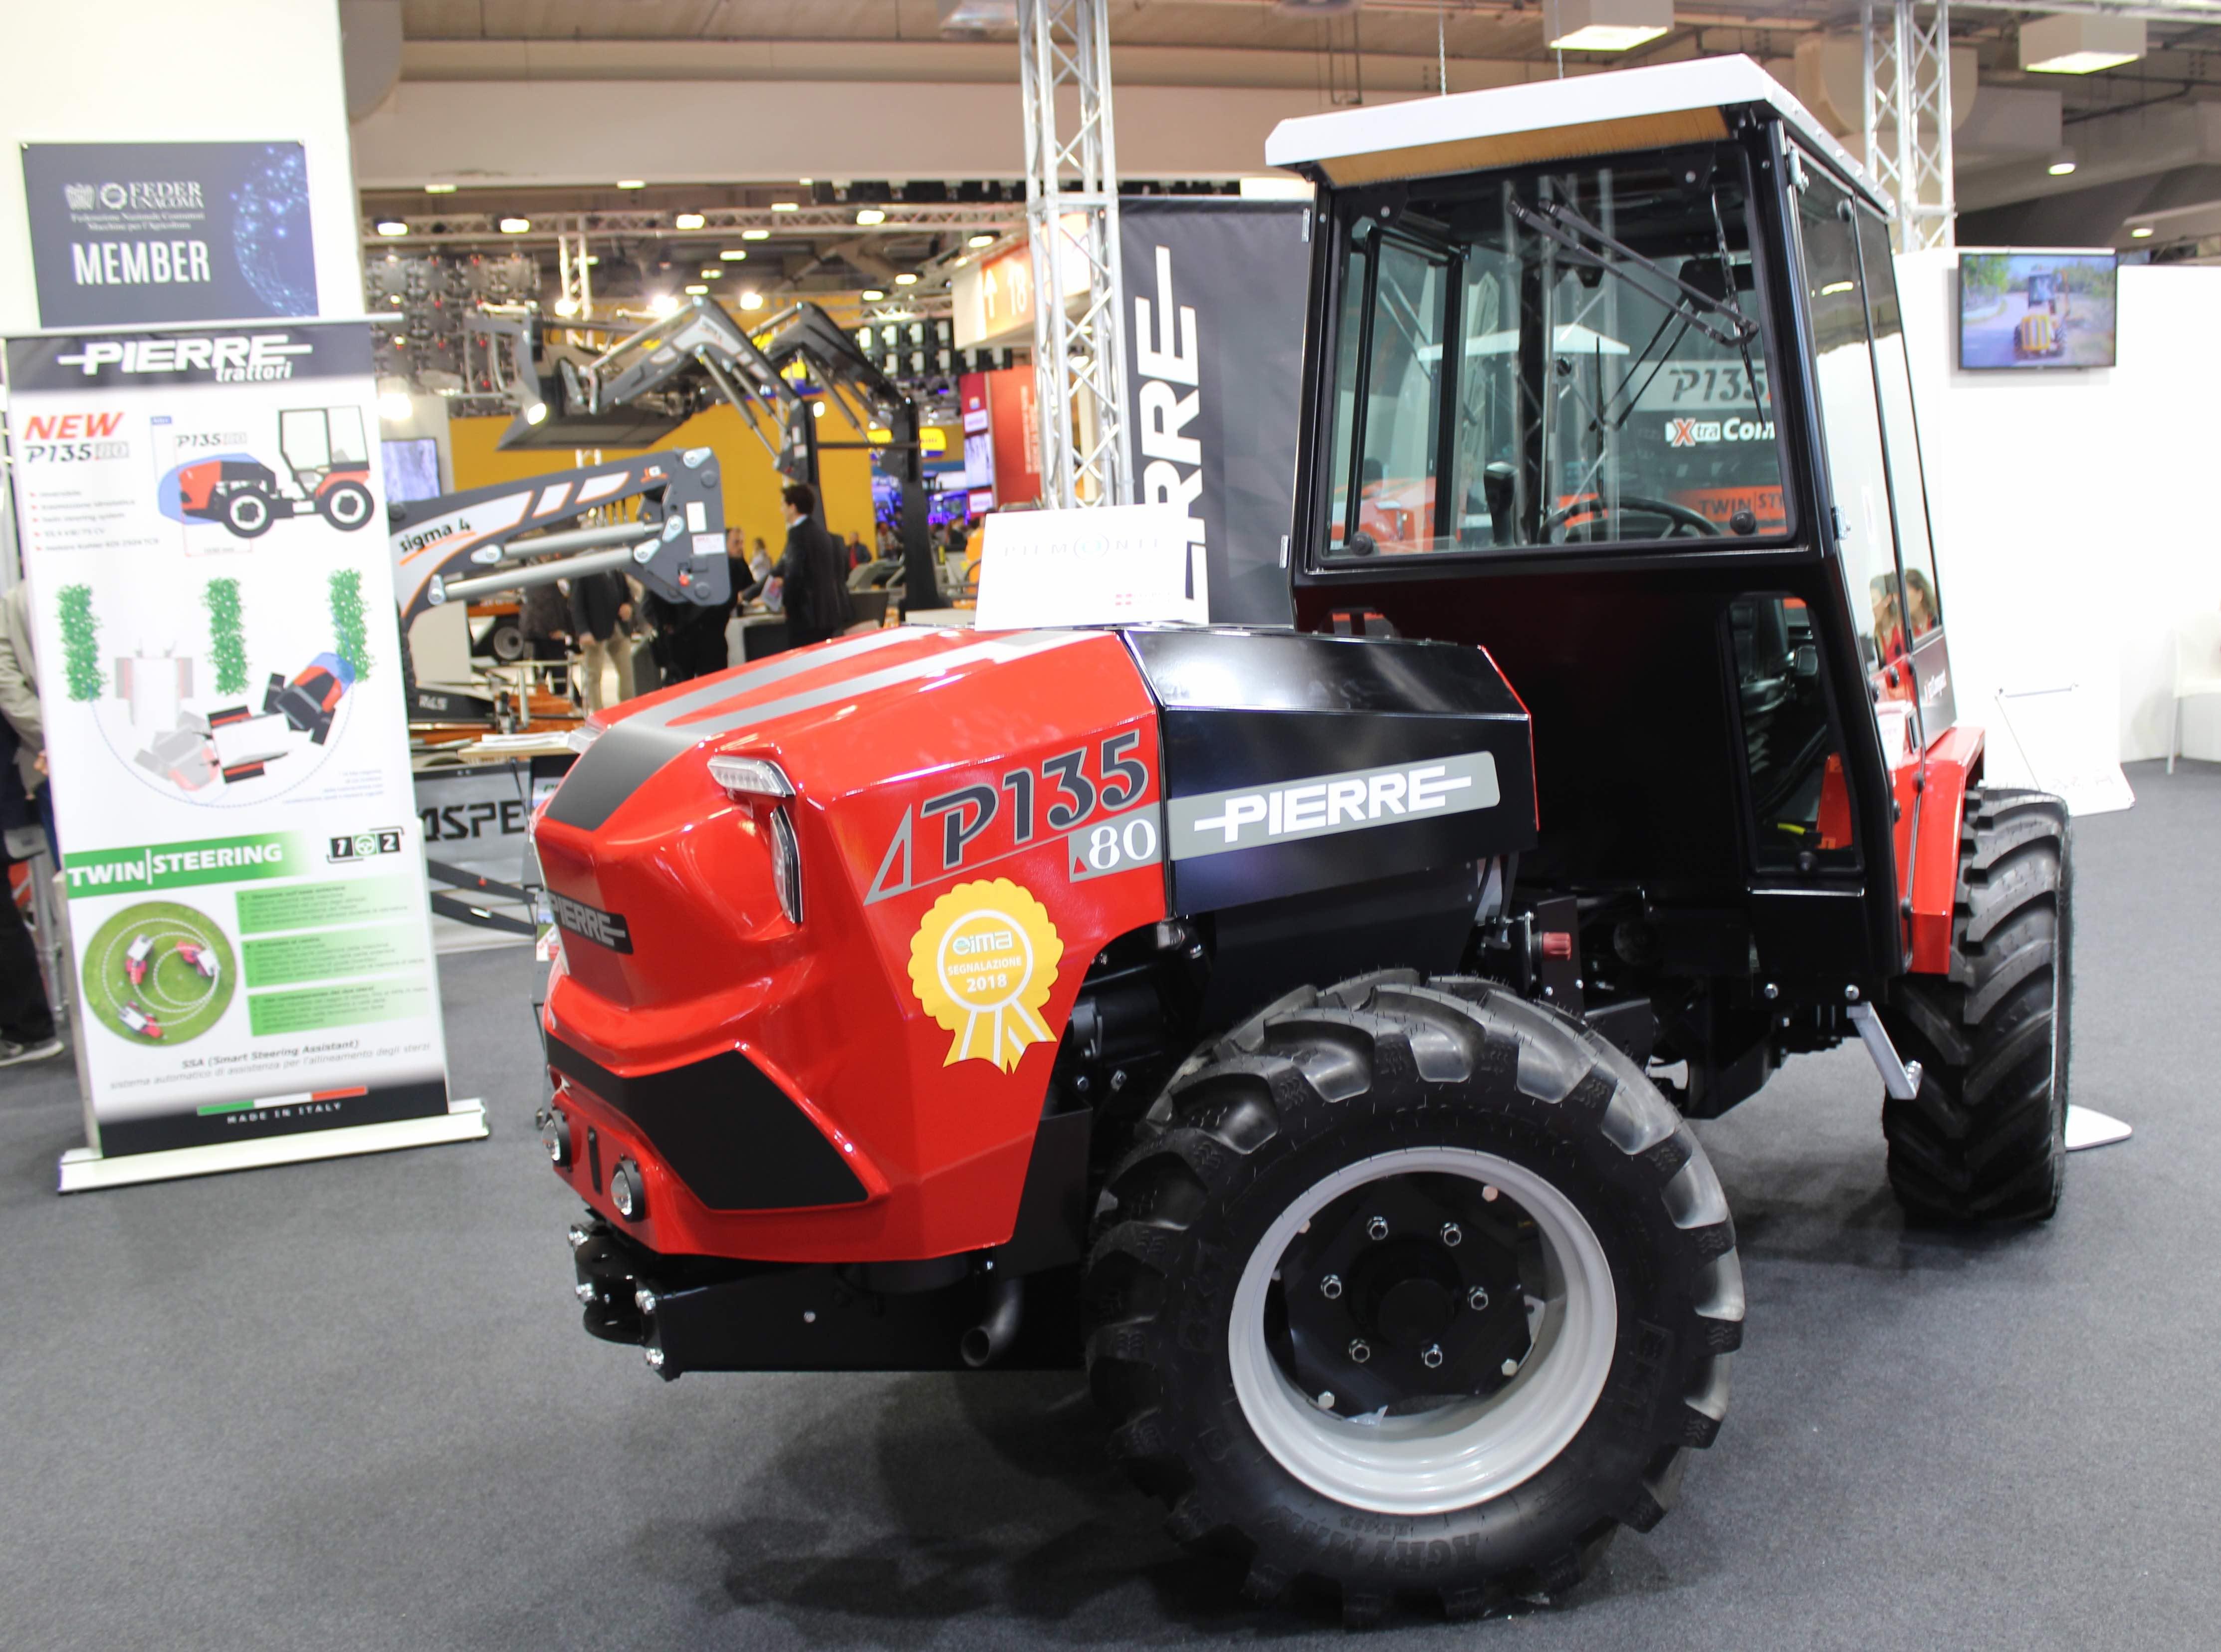 P135.80 Xtra-Compact